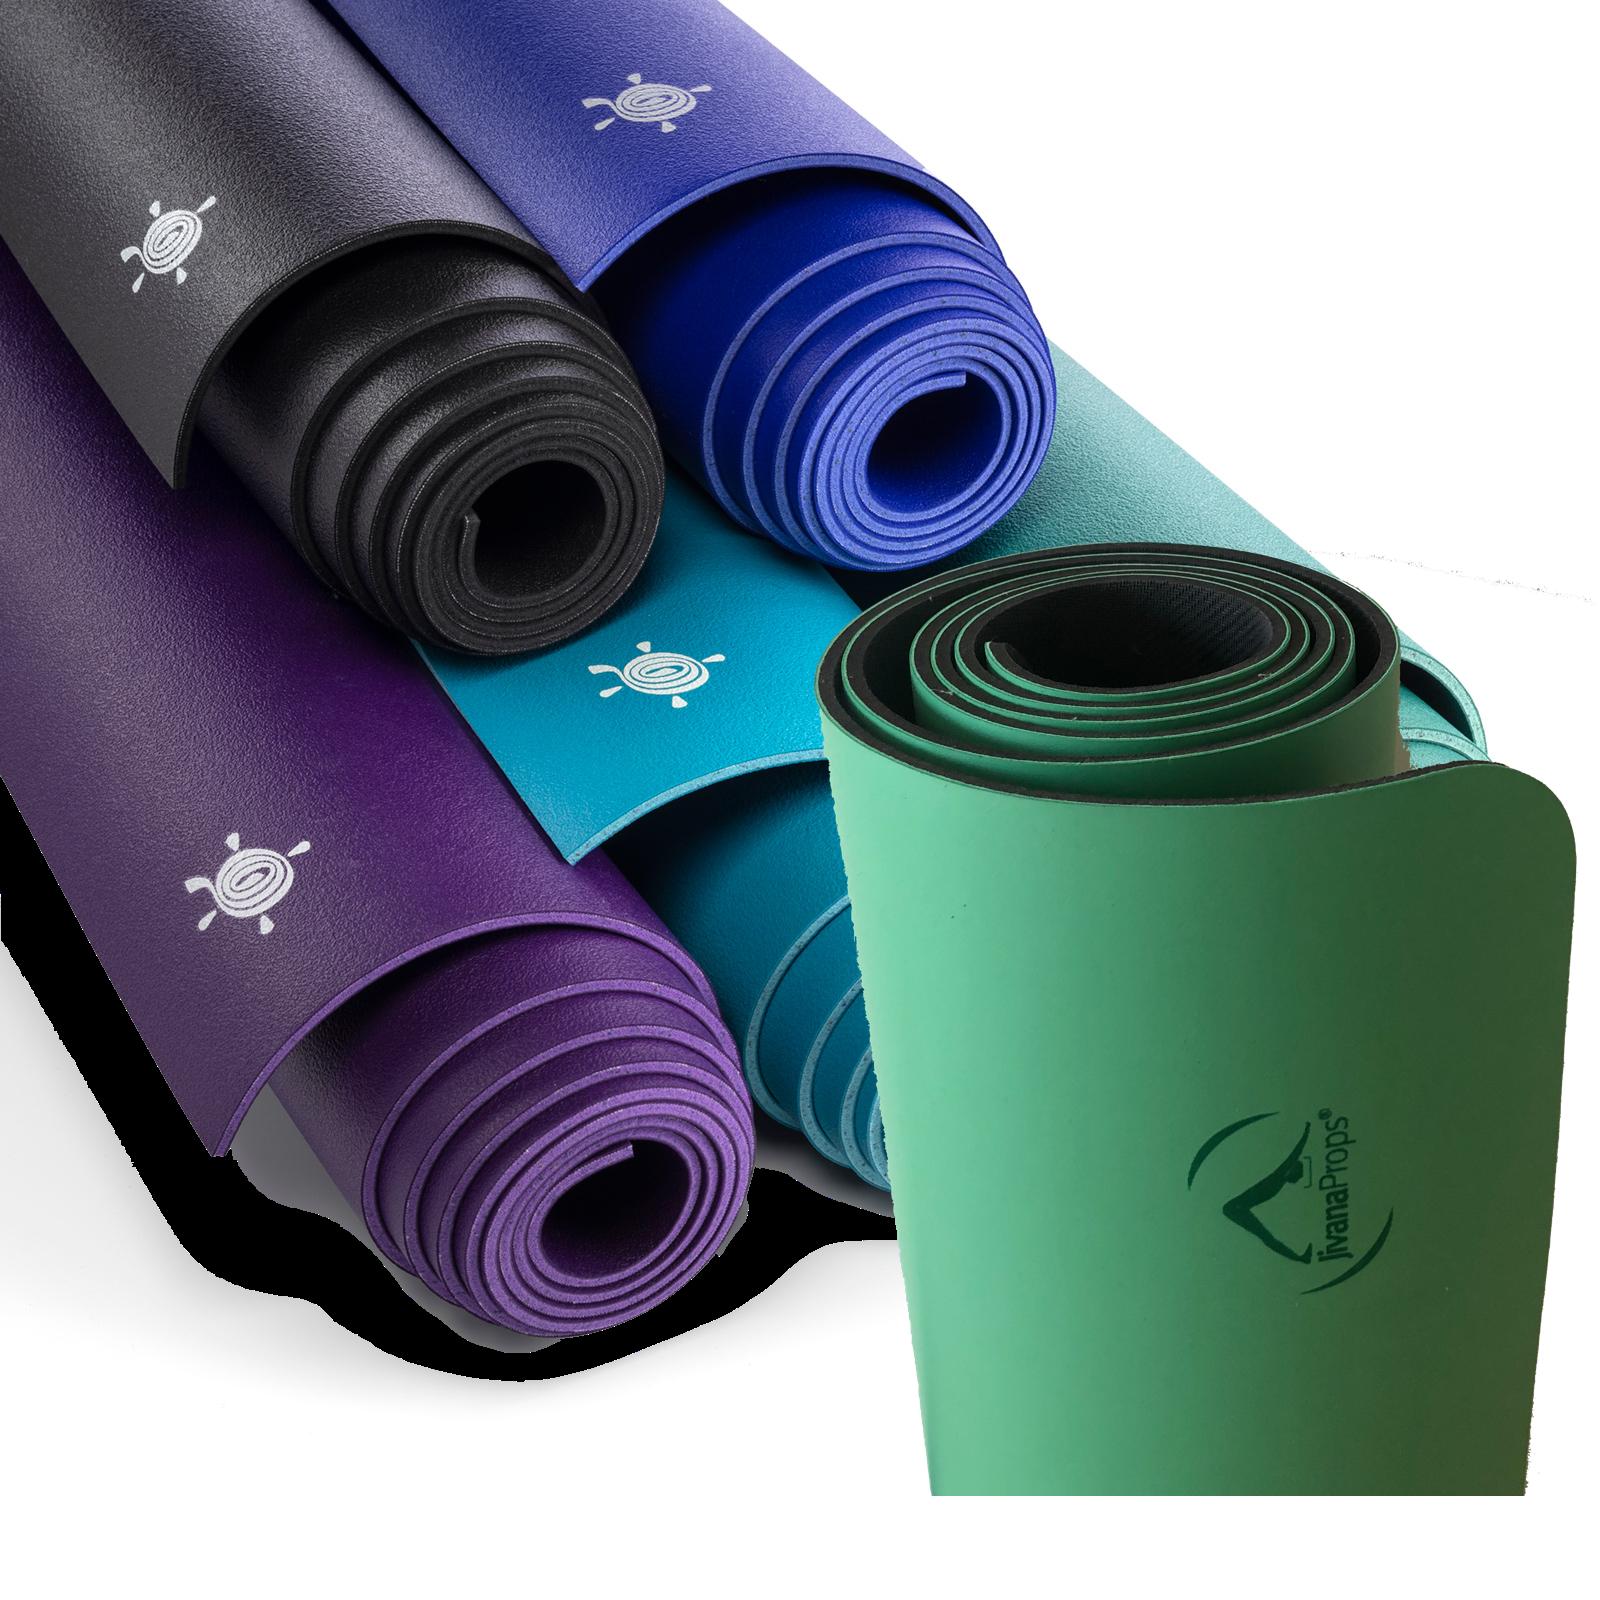 Naturgummi und PU Yoga Matten mit und ohne Design